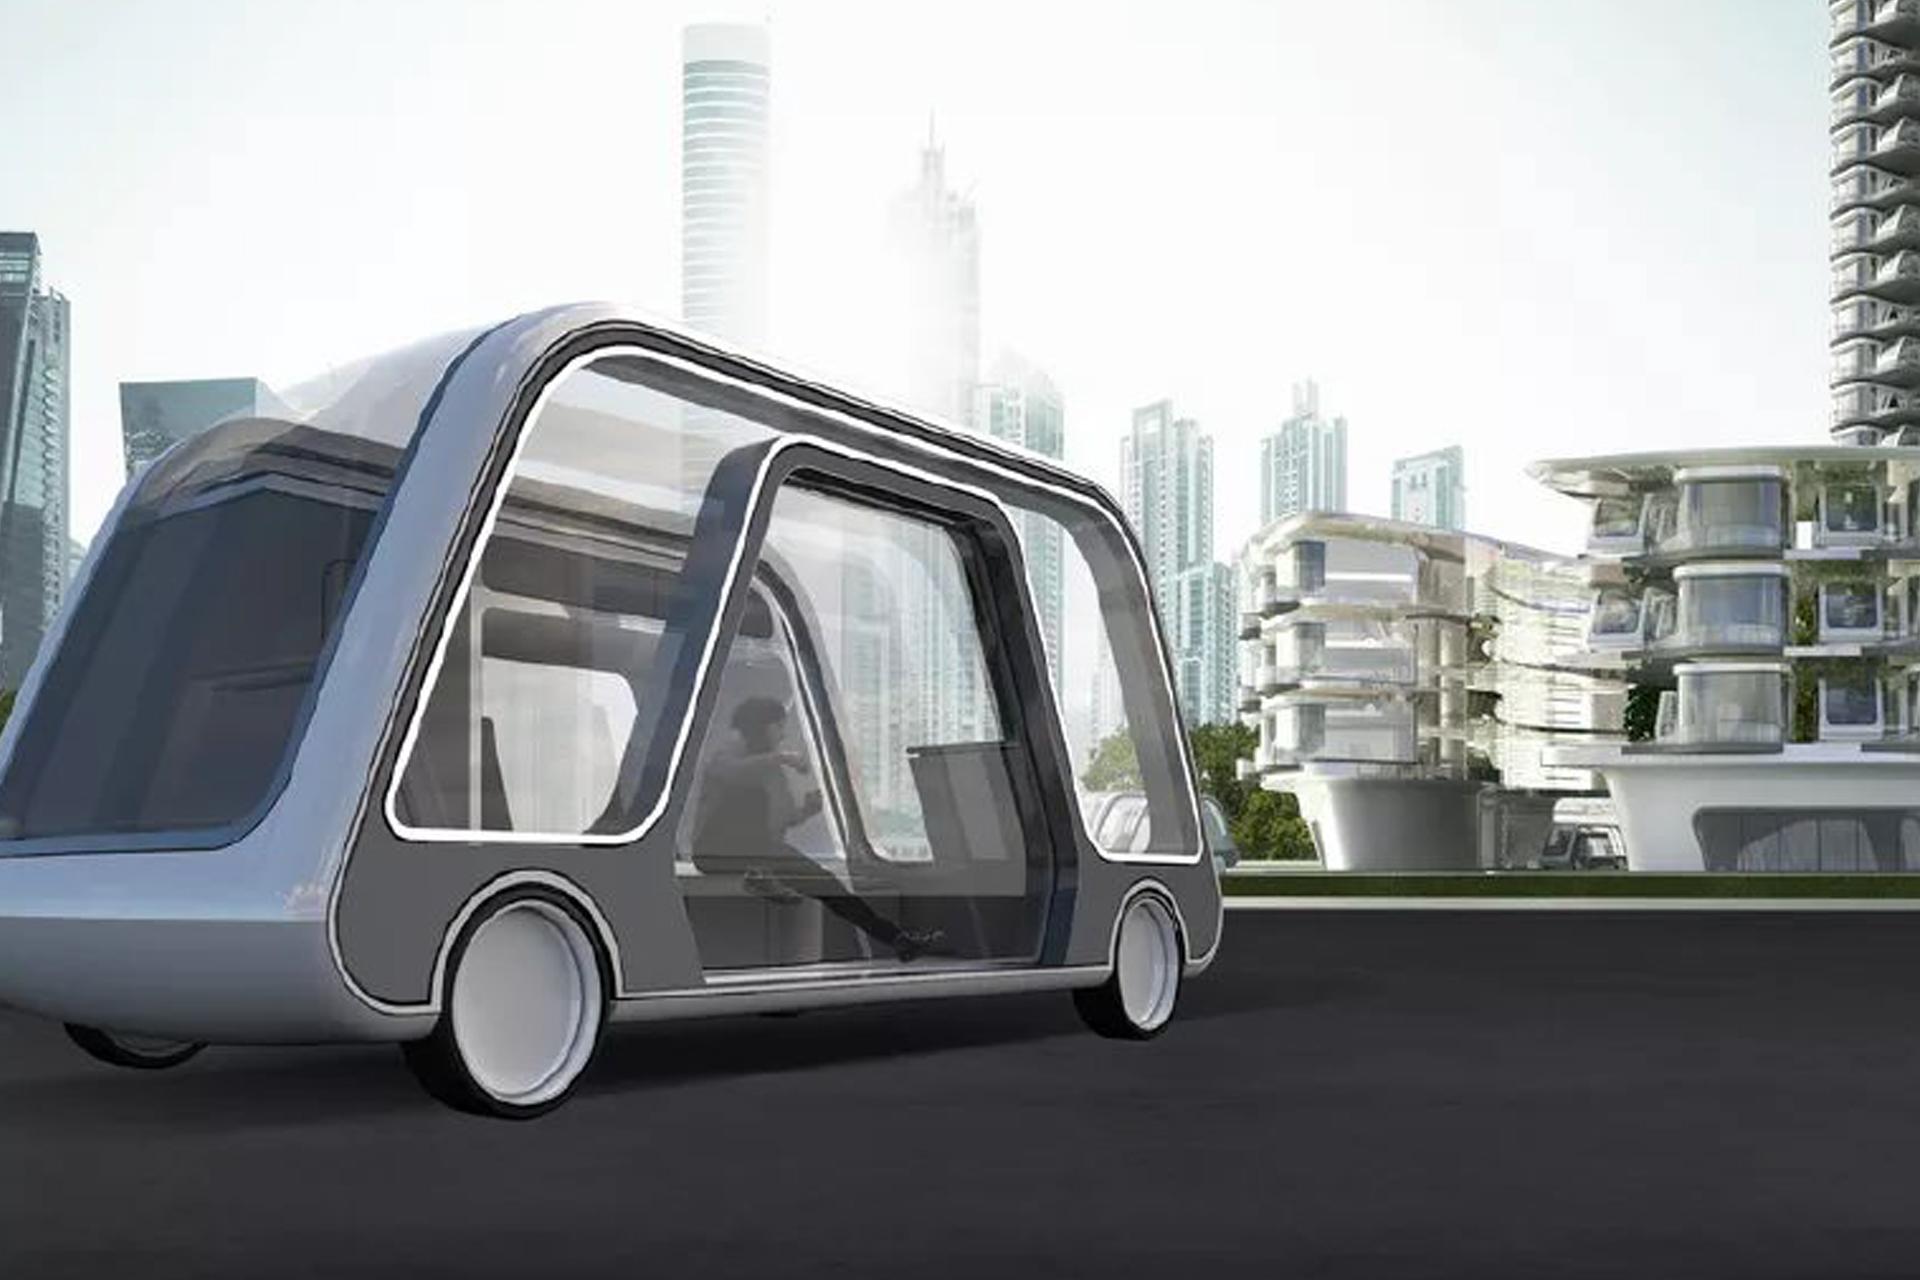 Teknologi og digitalisering er blandt andet på agendaen ved Horestas årsmøde. Blandt de mange muligheder er fremtidens selvkørende hotelværelse, The Autonomous Travel Suites – en del af et Autonomous Hotel. Illustration via Innovation Lab.